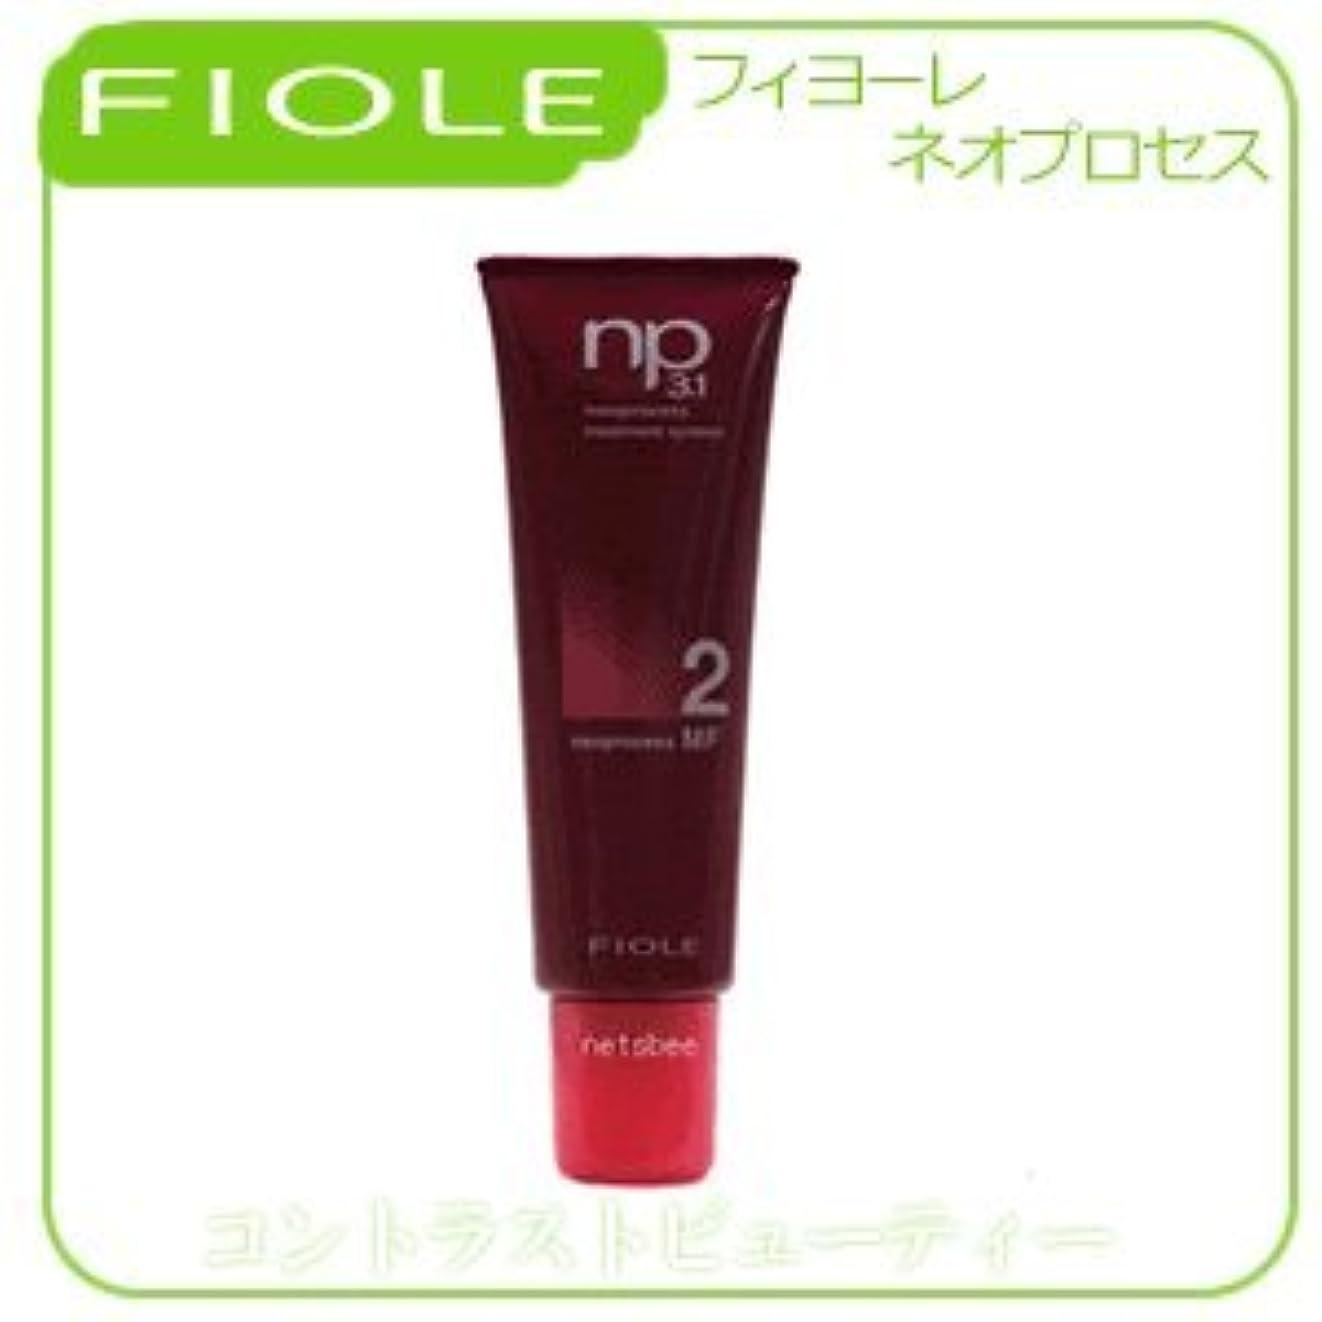 一生勇者特許【X4個セット】 フィヨーレ NP3.1 ネオプロセス MF2 130g FIOLE ネオプロセス